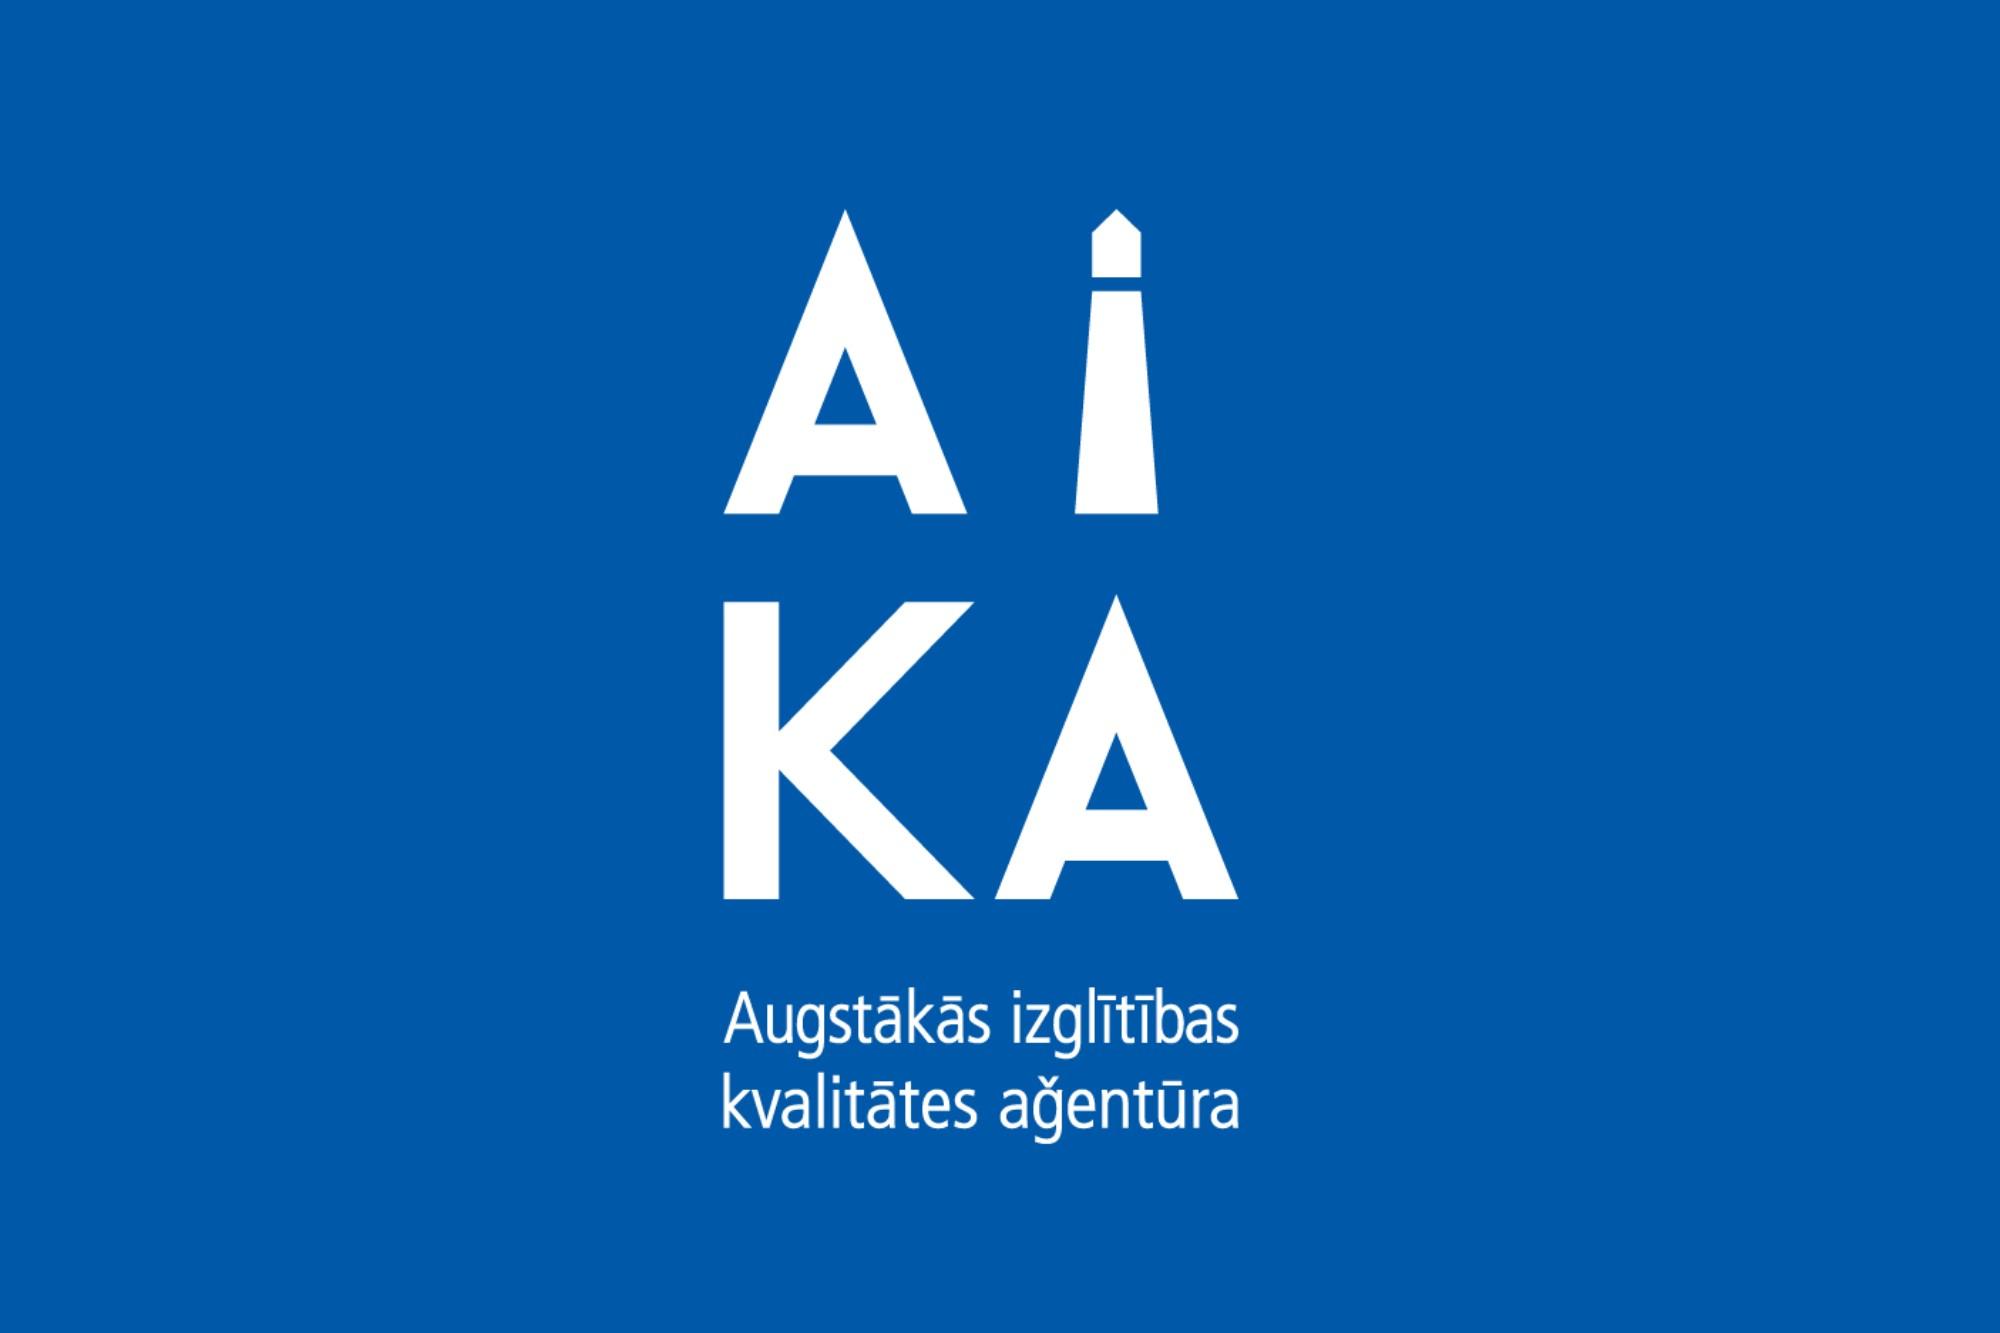 AIKA ir jauna vizuālā identitāte